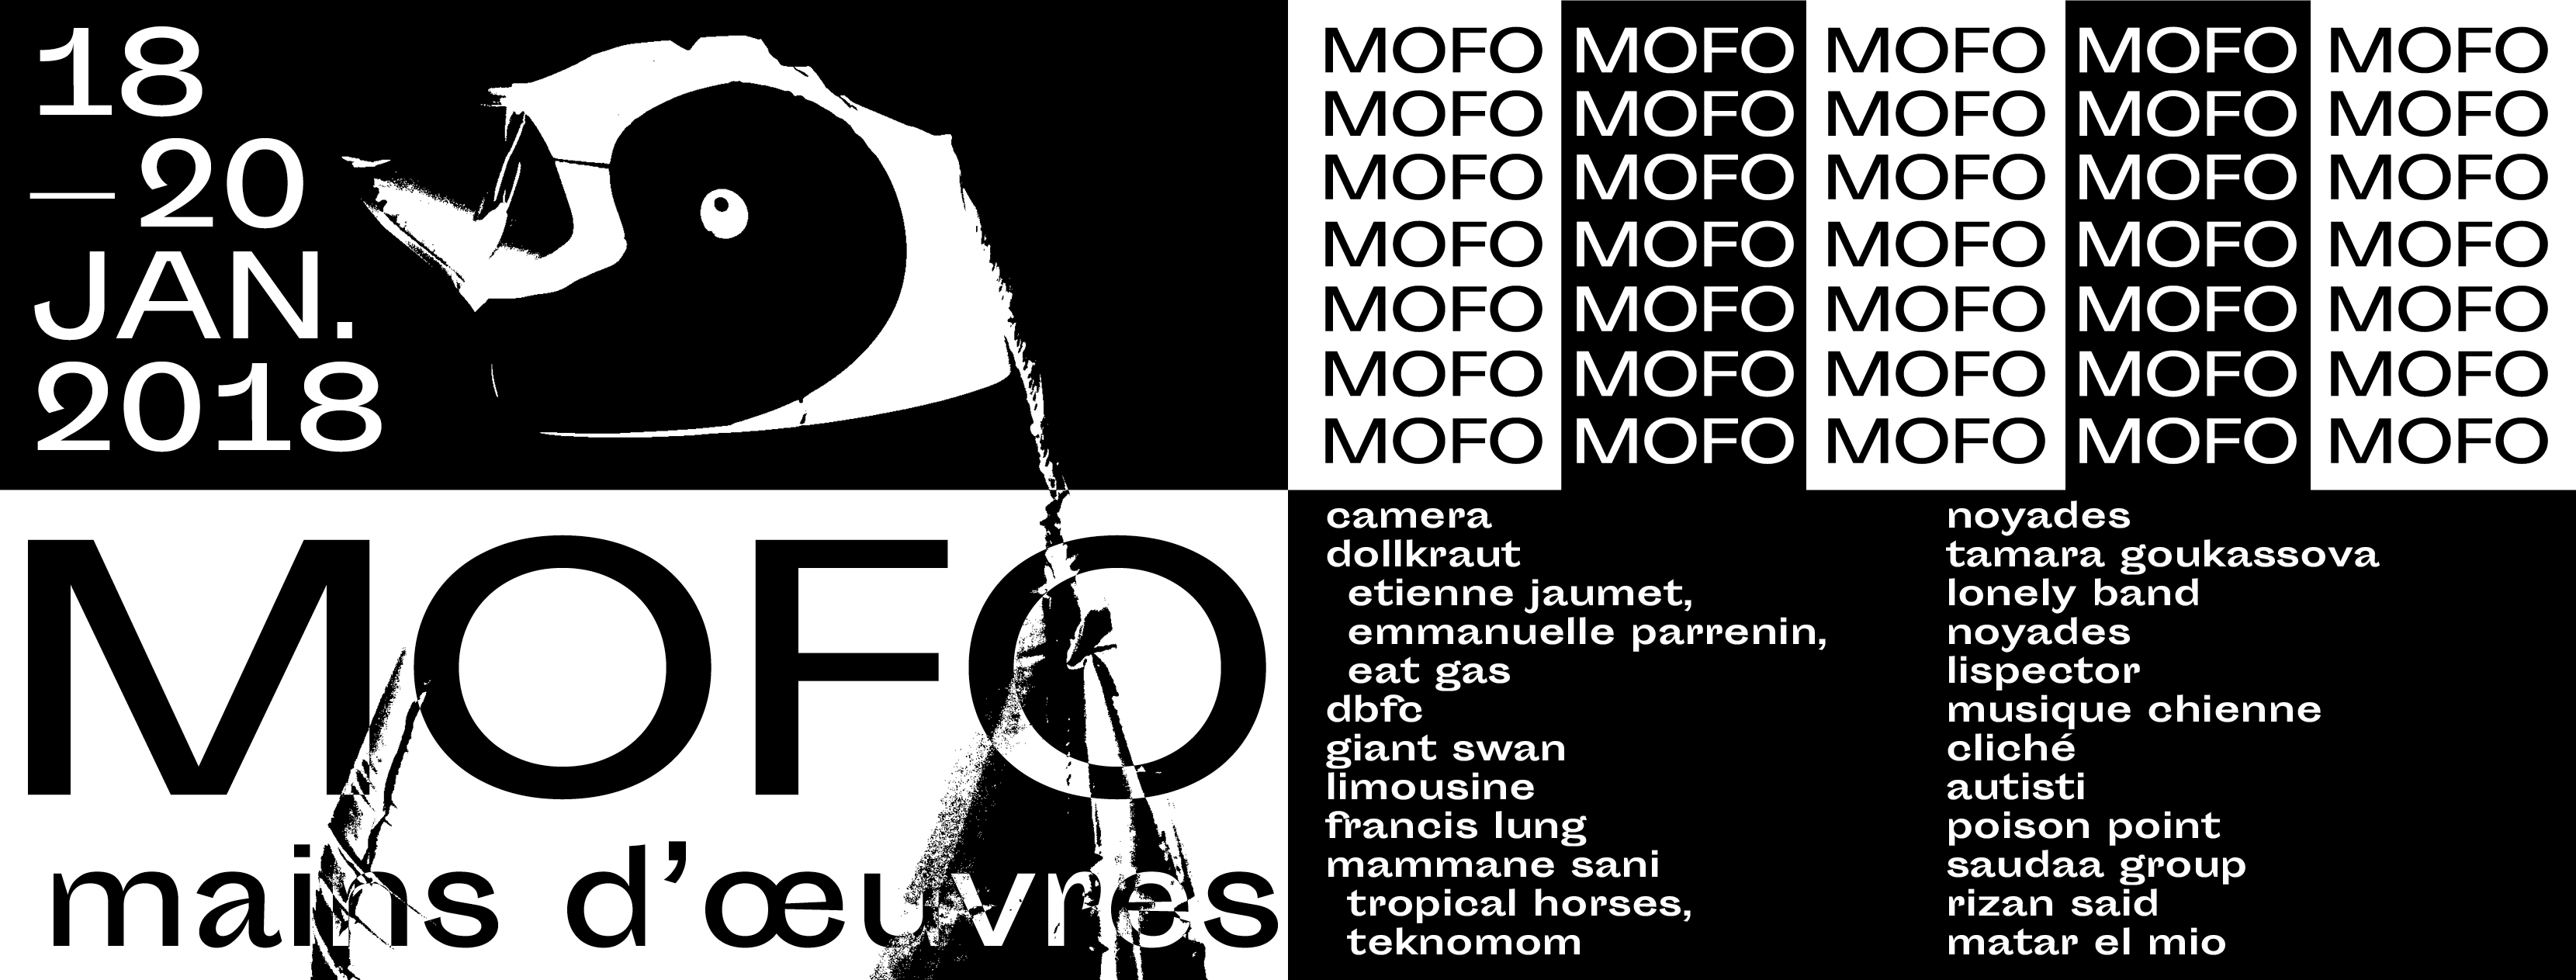 Festival MOFO 2018